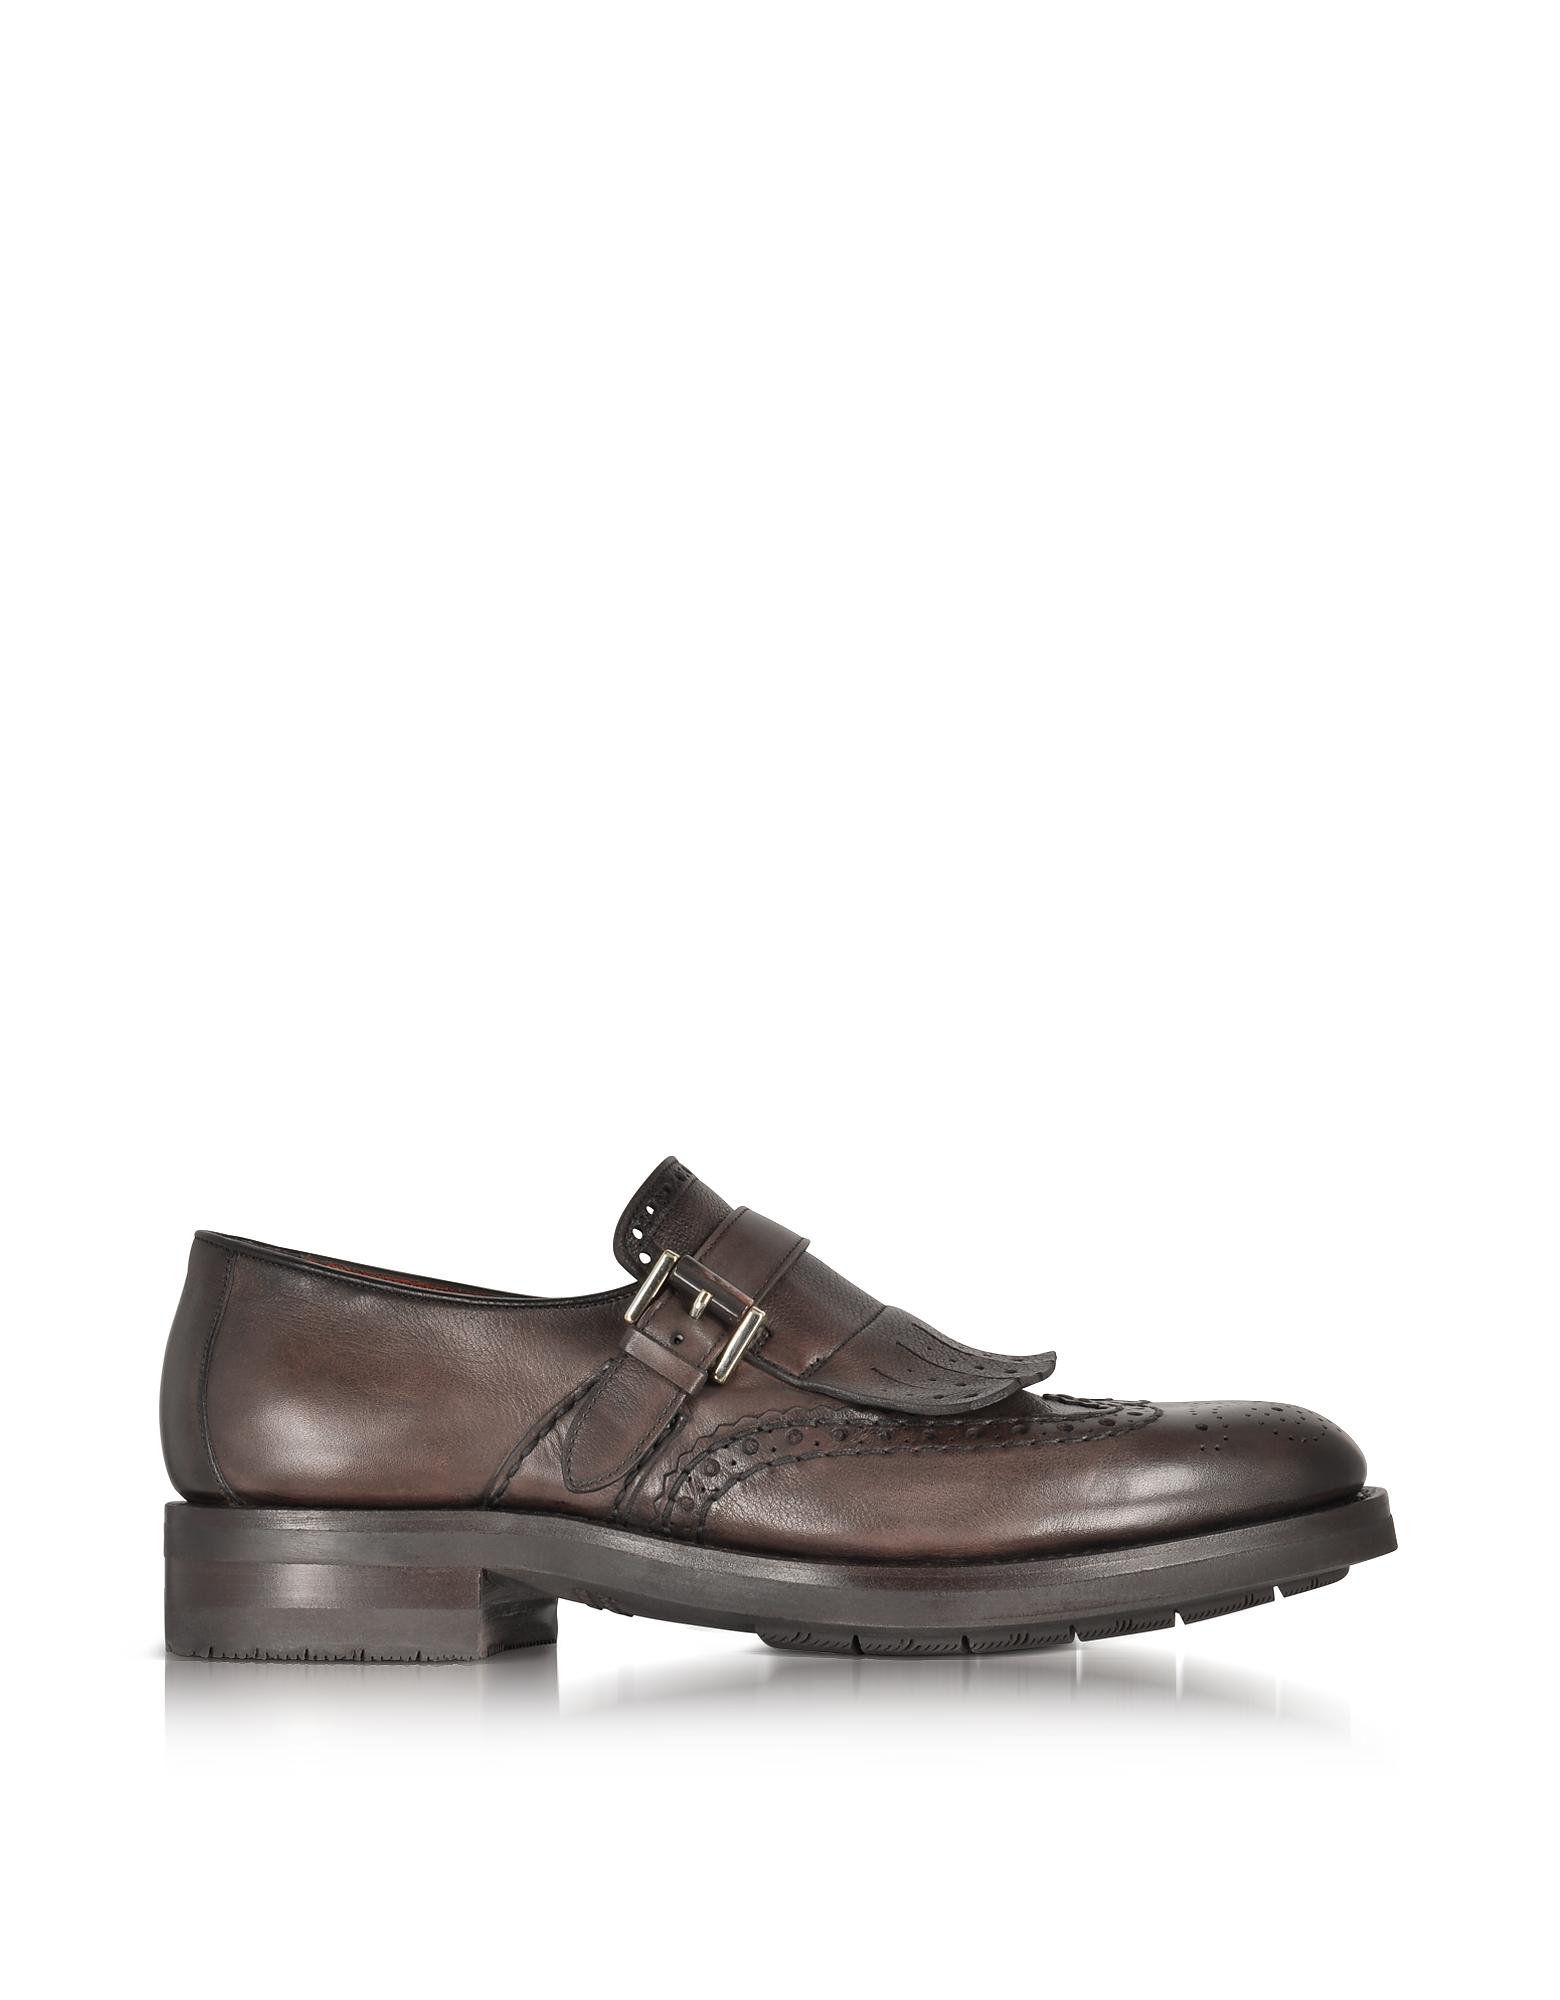 Фото Темно-коричневые Кожаные Туфли с Бахромой и Ремешком Спереди. Купить с доставкой